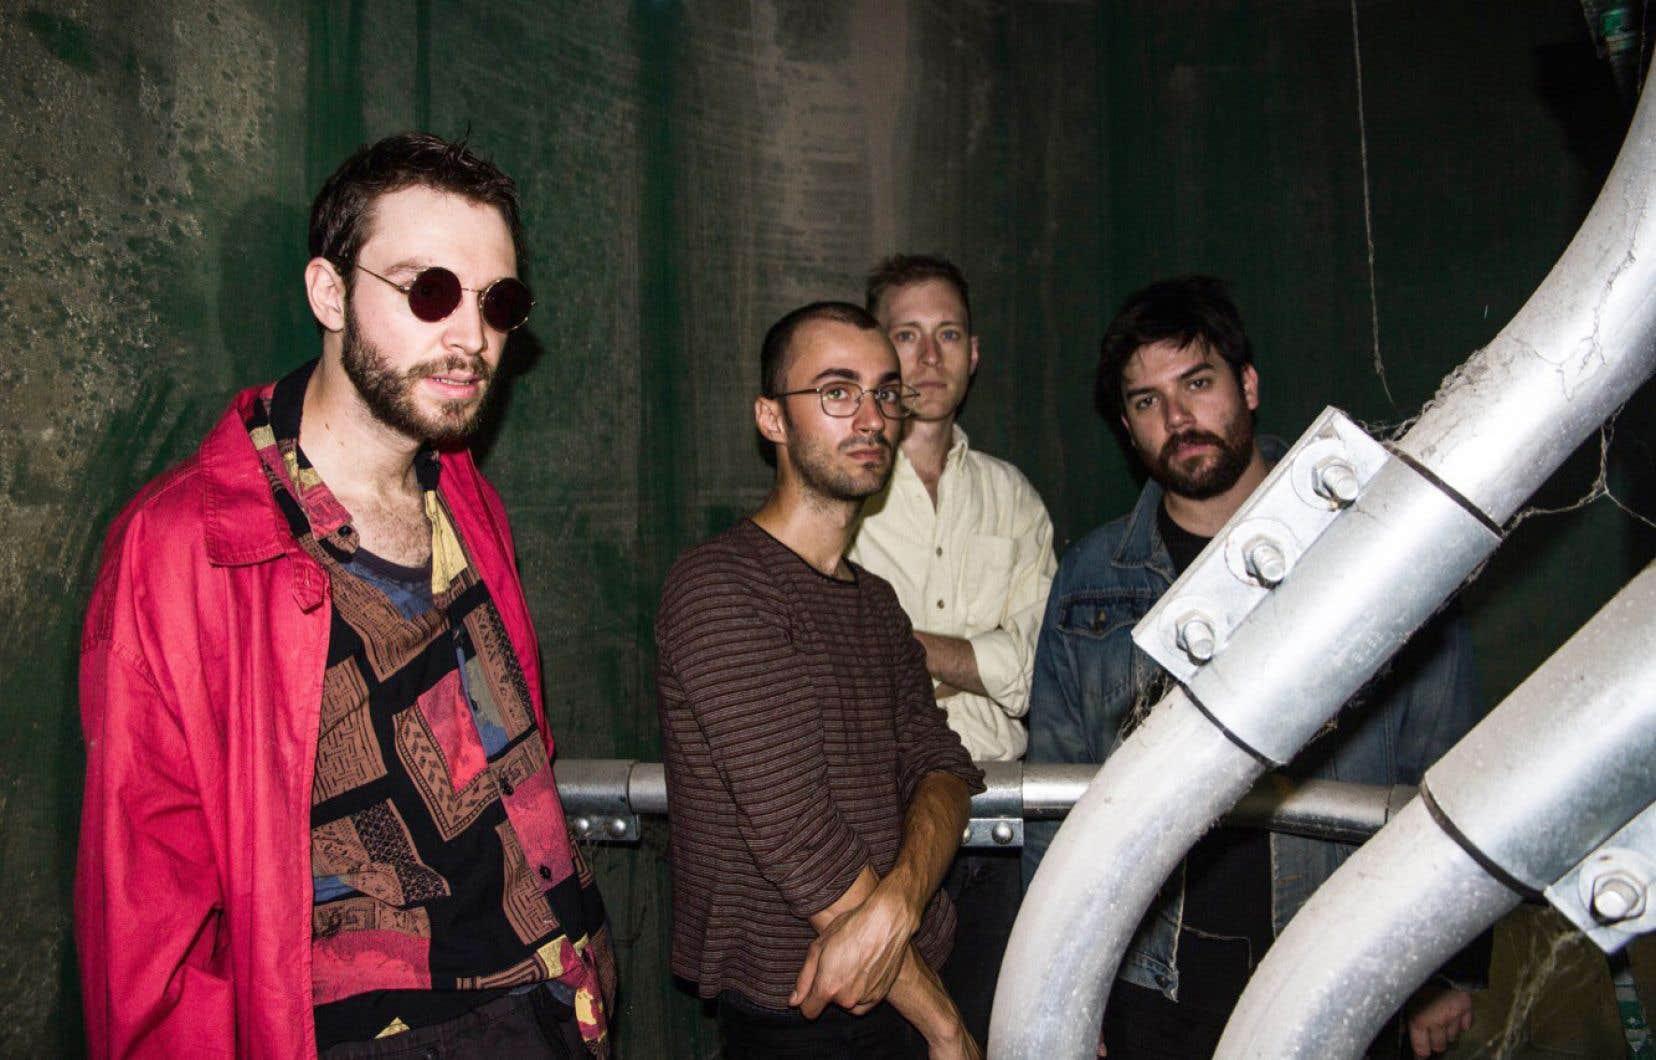 Le groupe post-punk naïf Bleu nuit